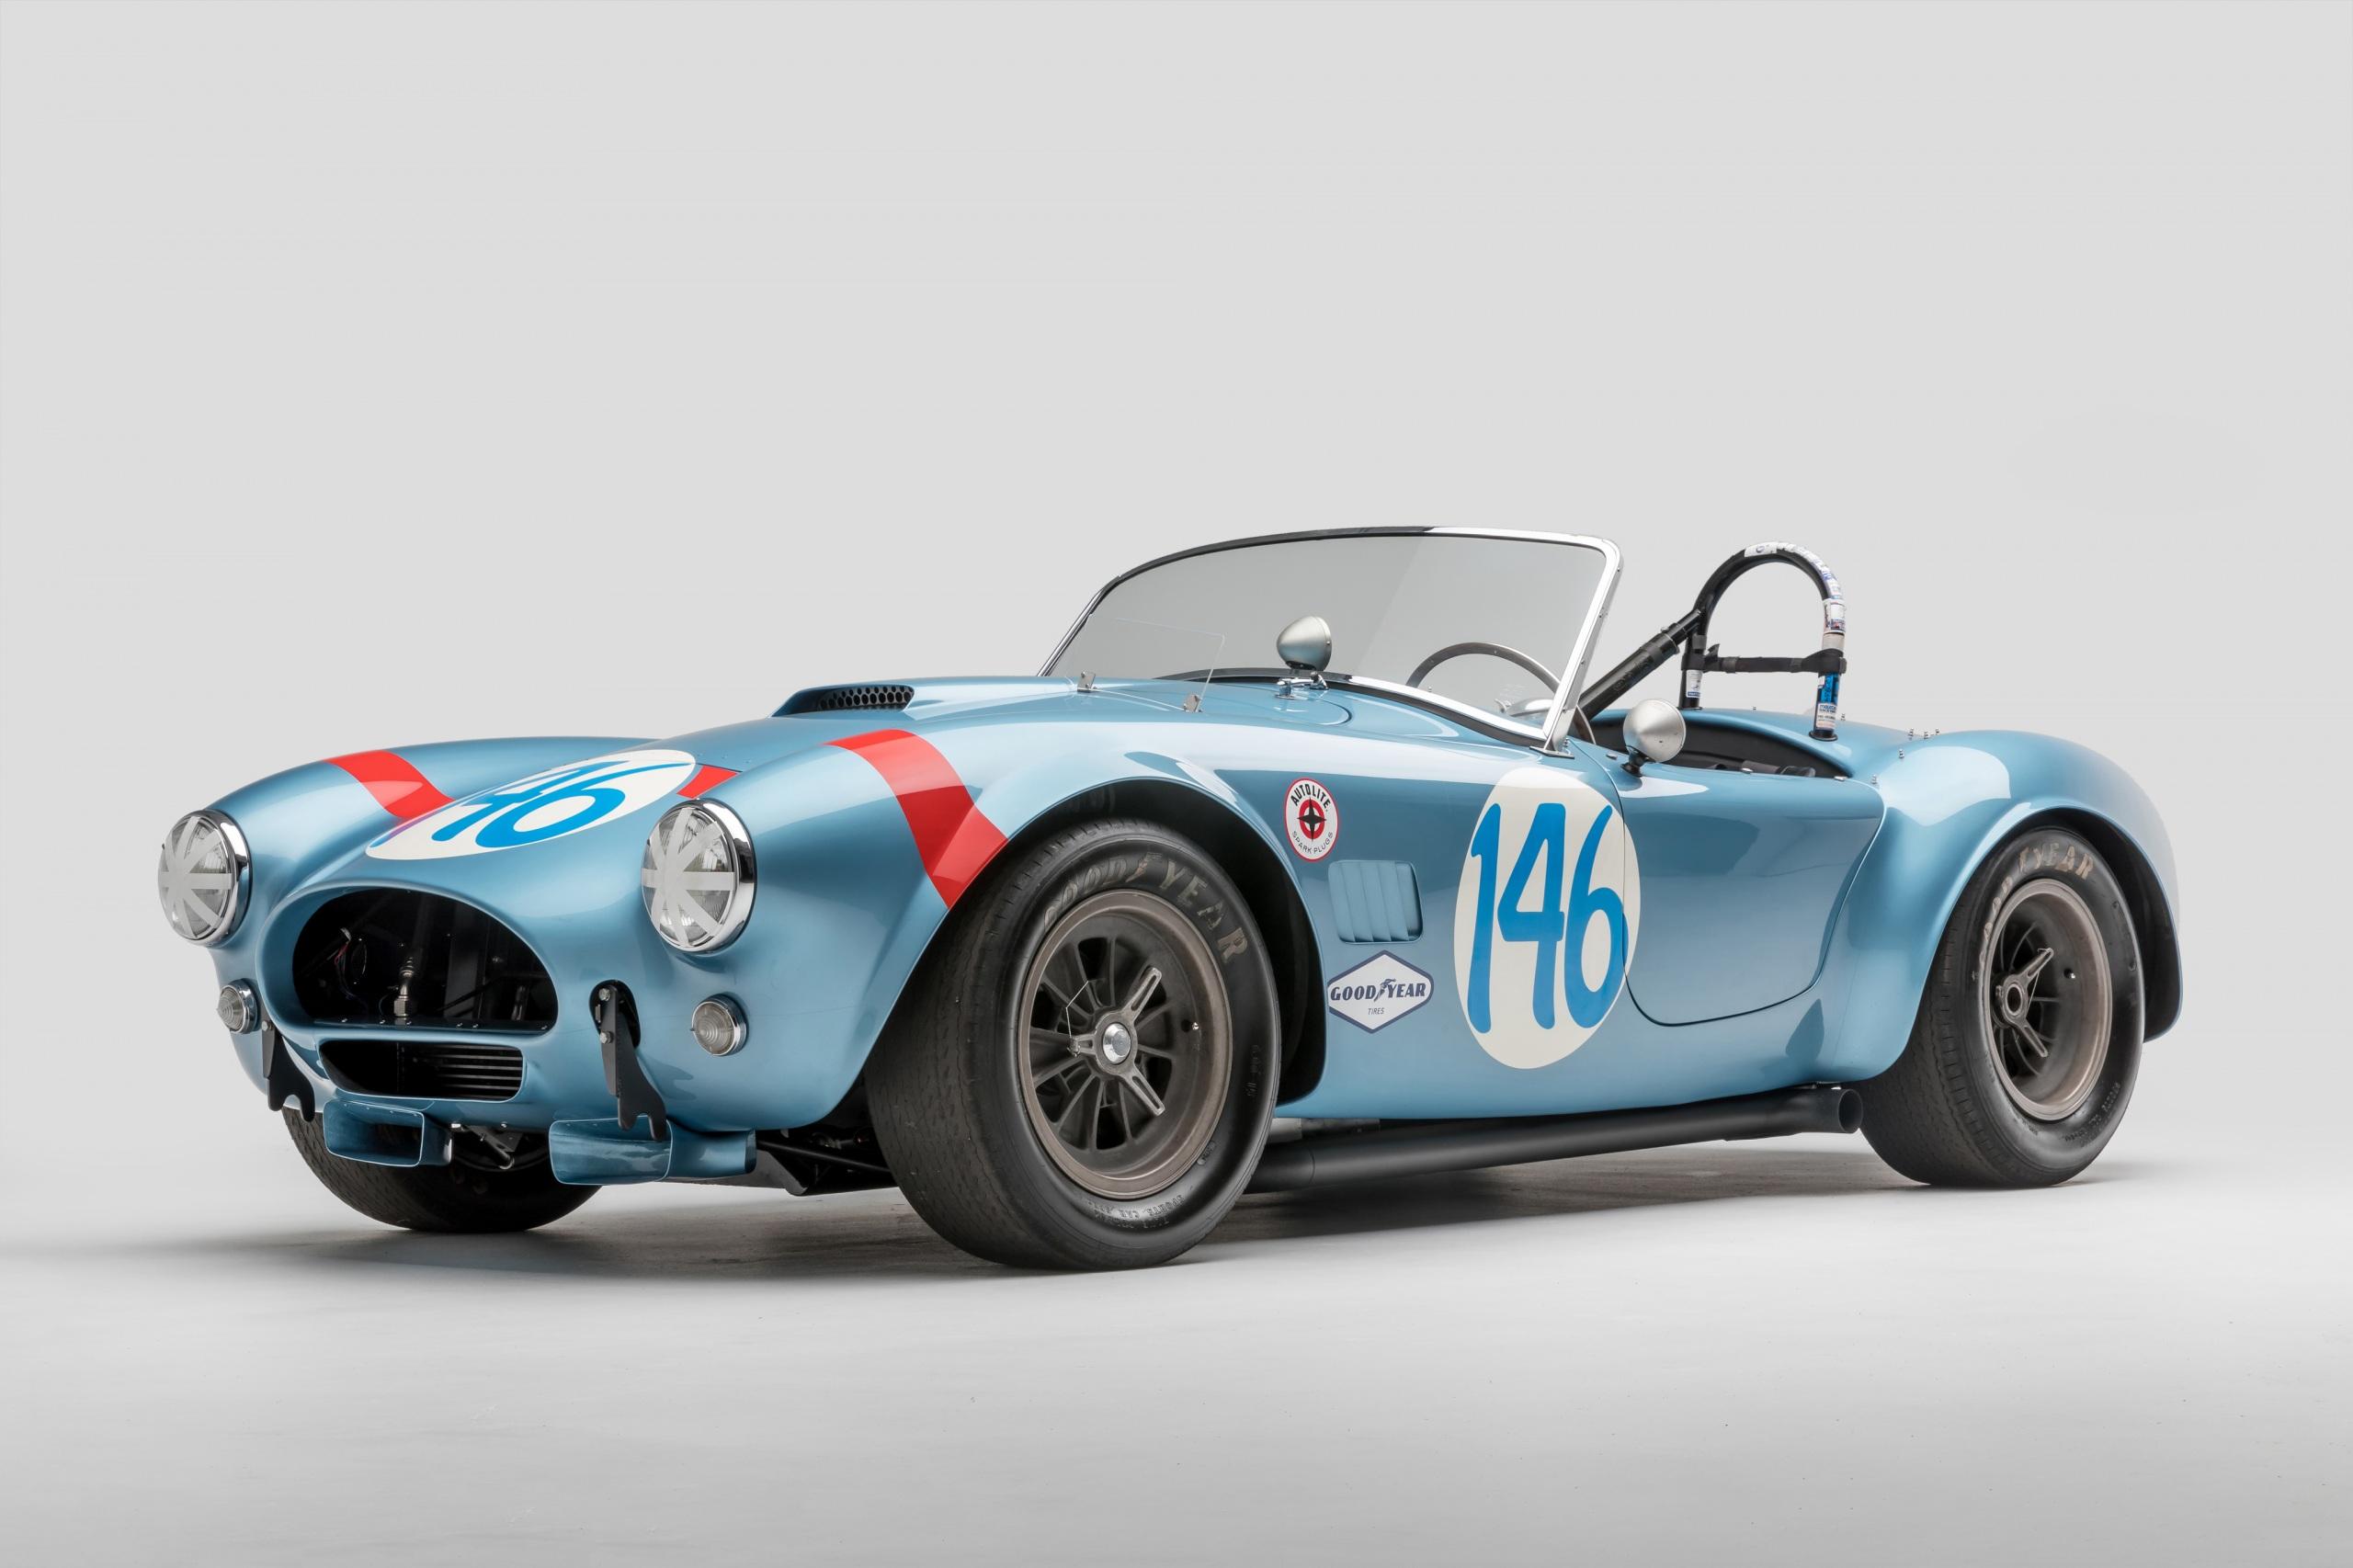 Обои SSC 1964 Shelby Cobra 289 FIA Competition Родстер Кабриолет Ретро Голубой Автомобили сером фоне 2560x1706 Shelby Super Cars кабриолета Винтаж голубых голубые голубая старинные Авто Машины Серый фон